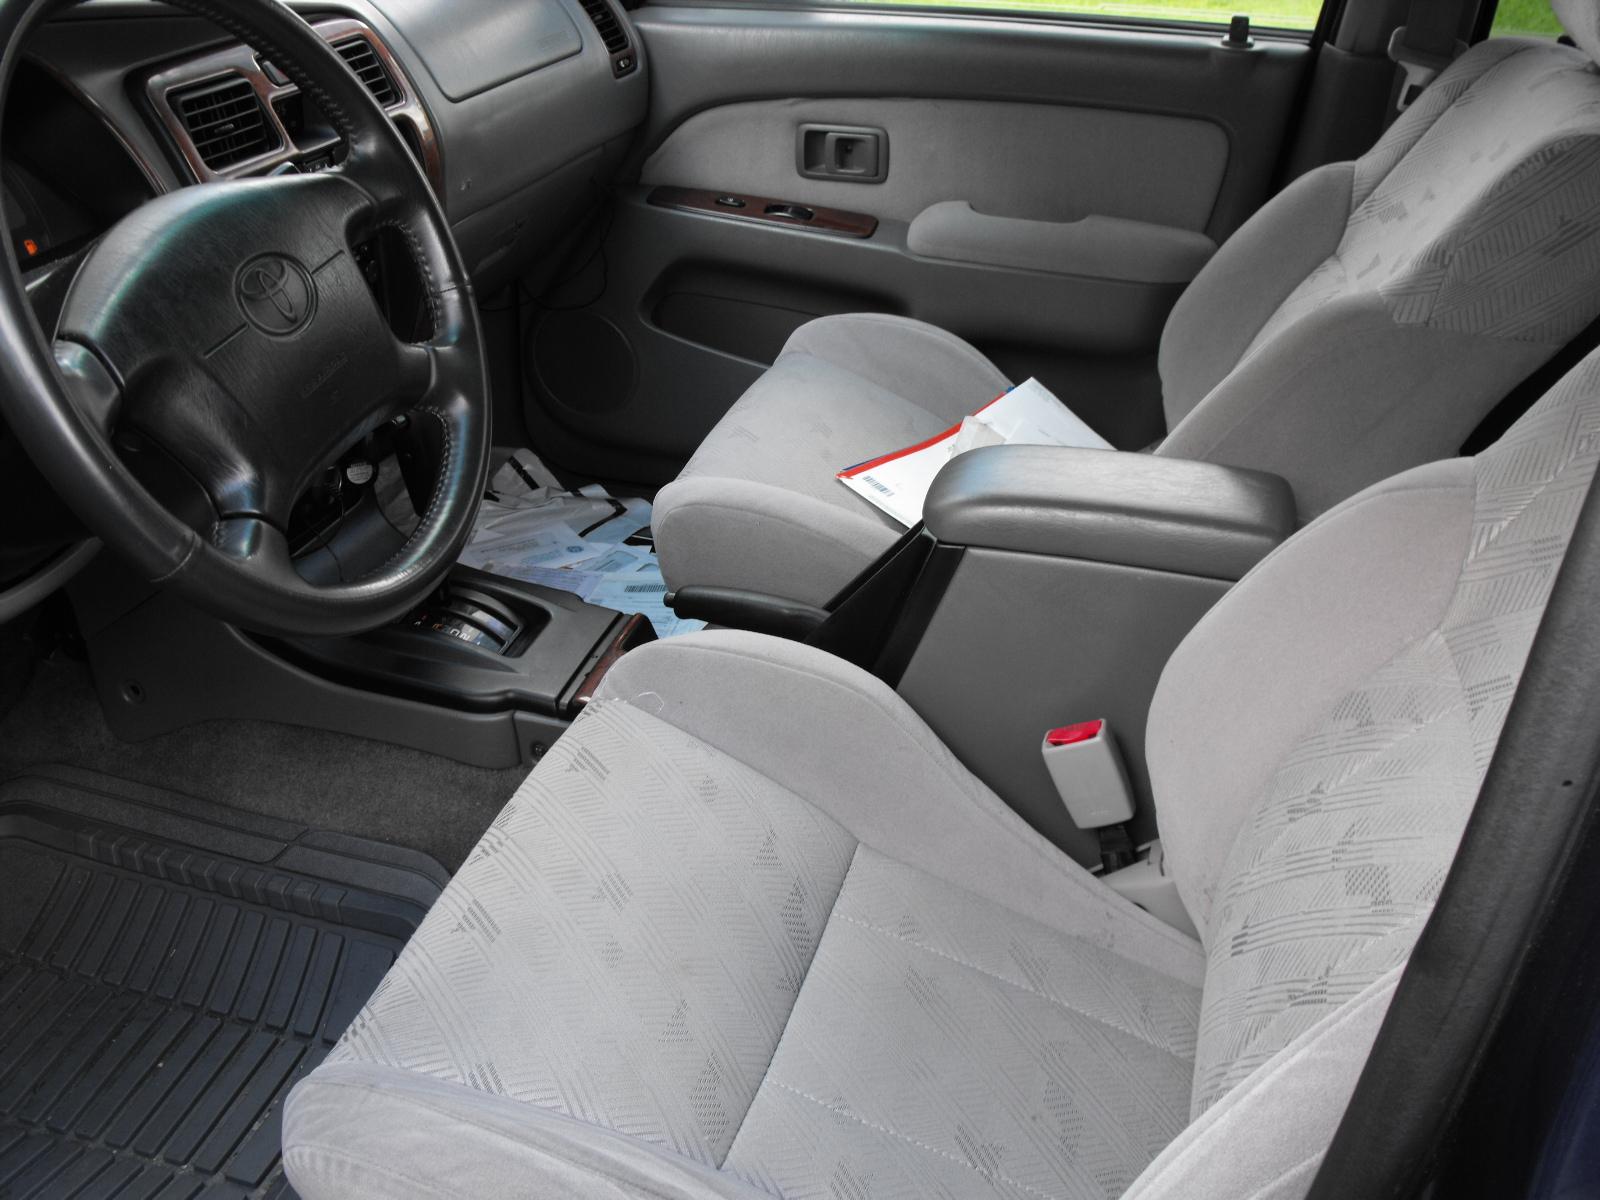 2001 Toyota 4runner Interior Pictures Cargurus